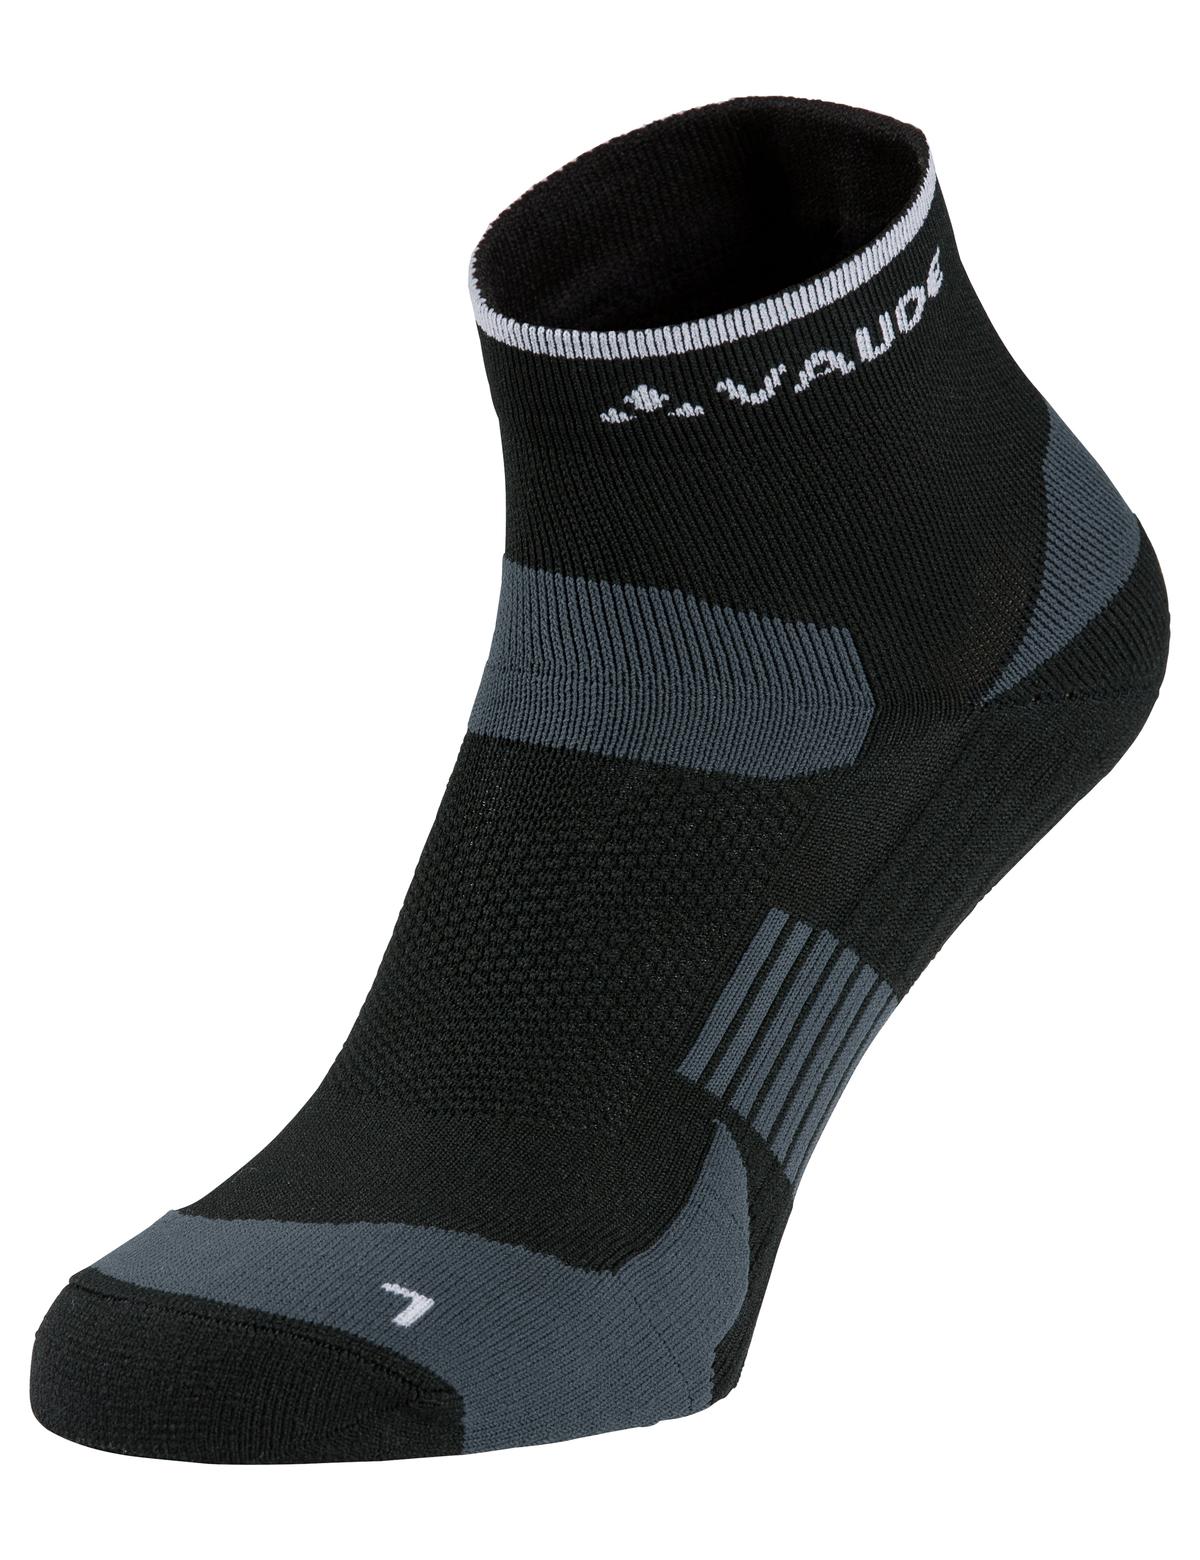 VAUDE Bike Socks Short black Größe 36-38 - Total Normal Bikes - Onlineshop und E-Bike Fahrradgeschäft in St.Ingbert im Saarland